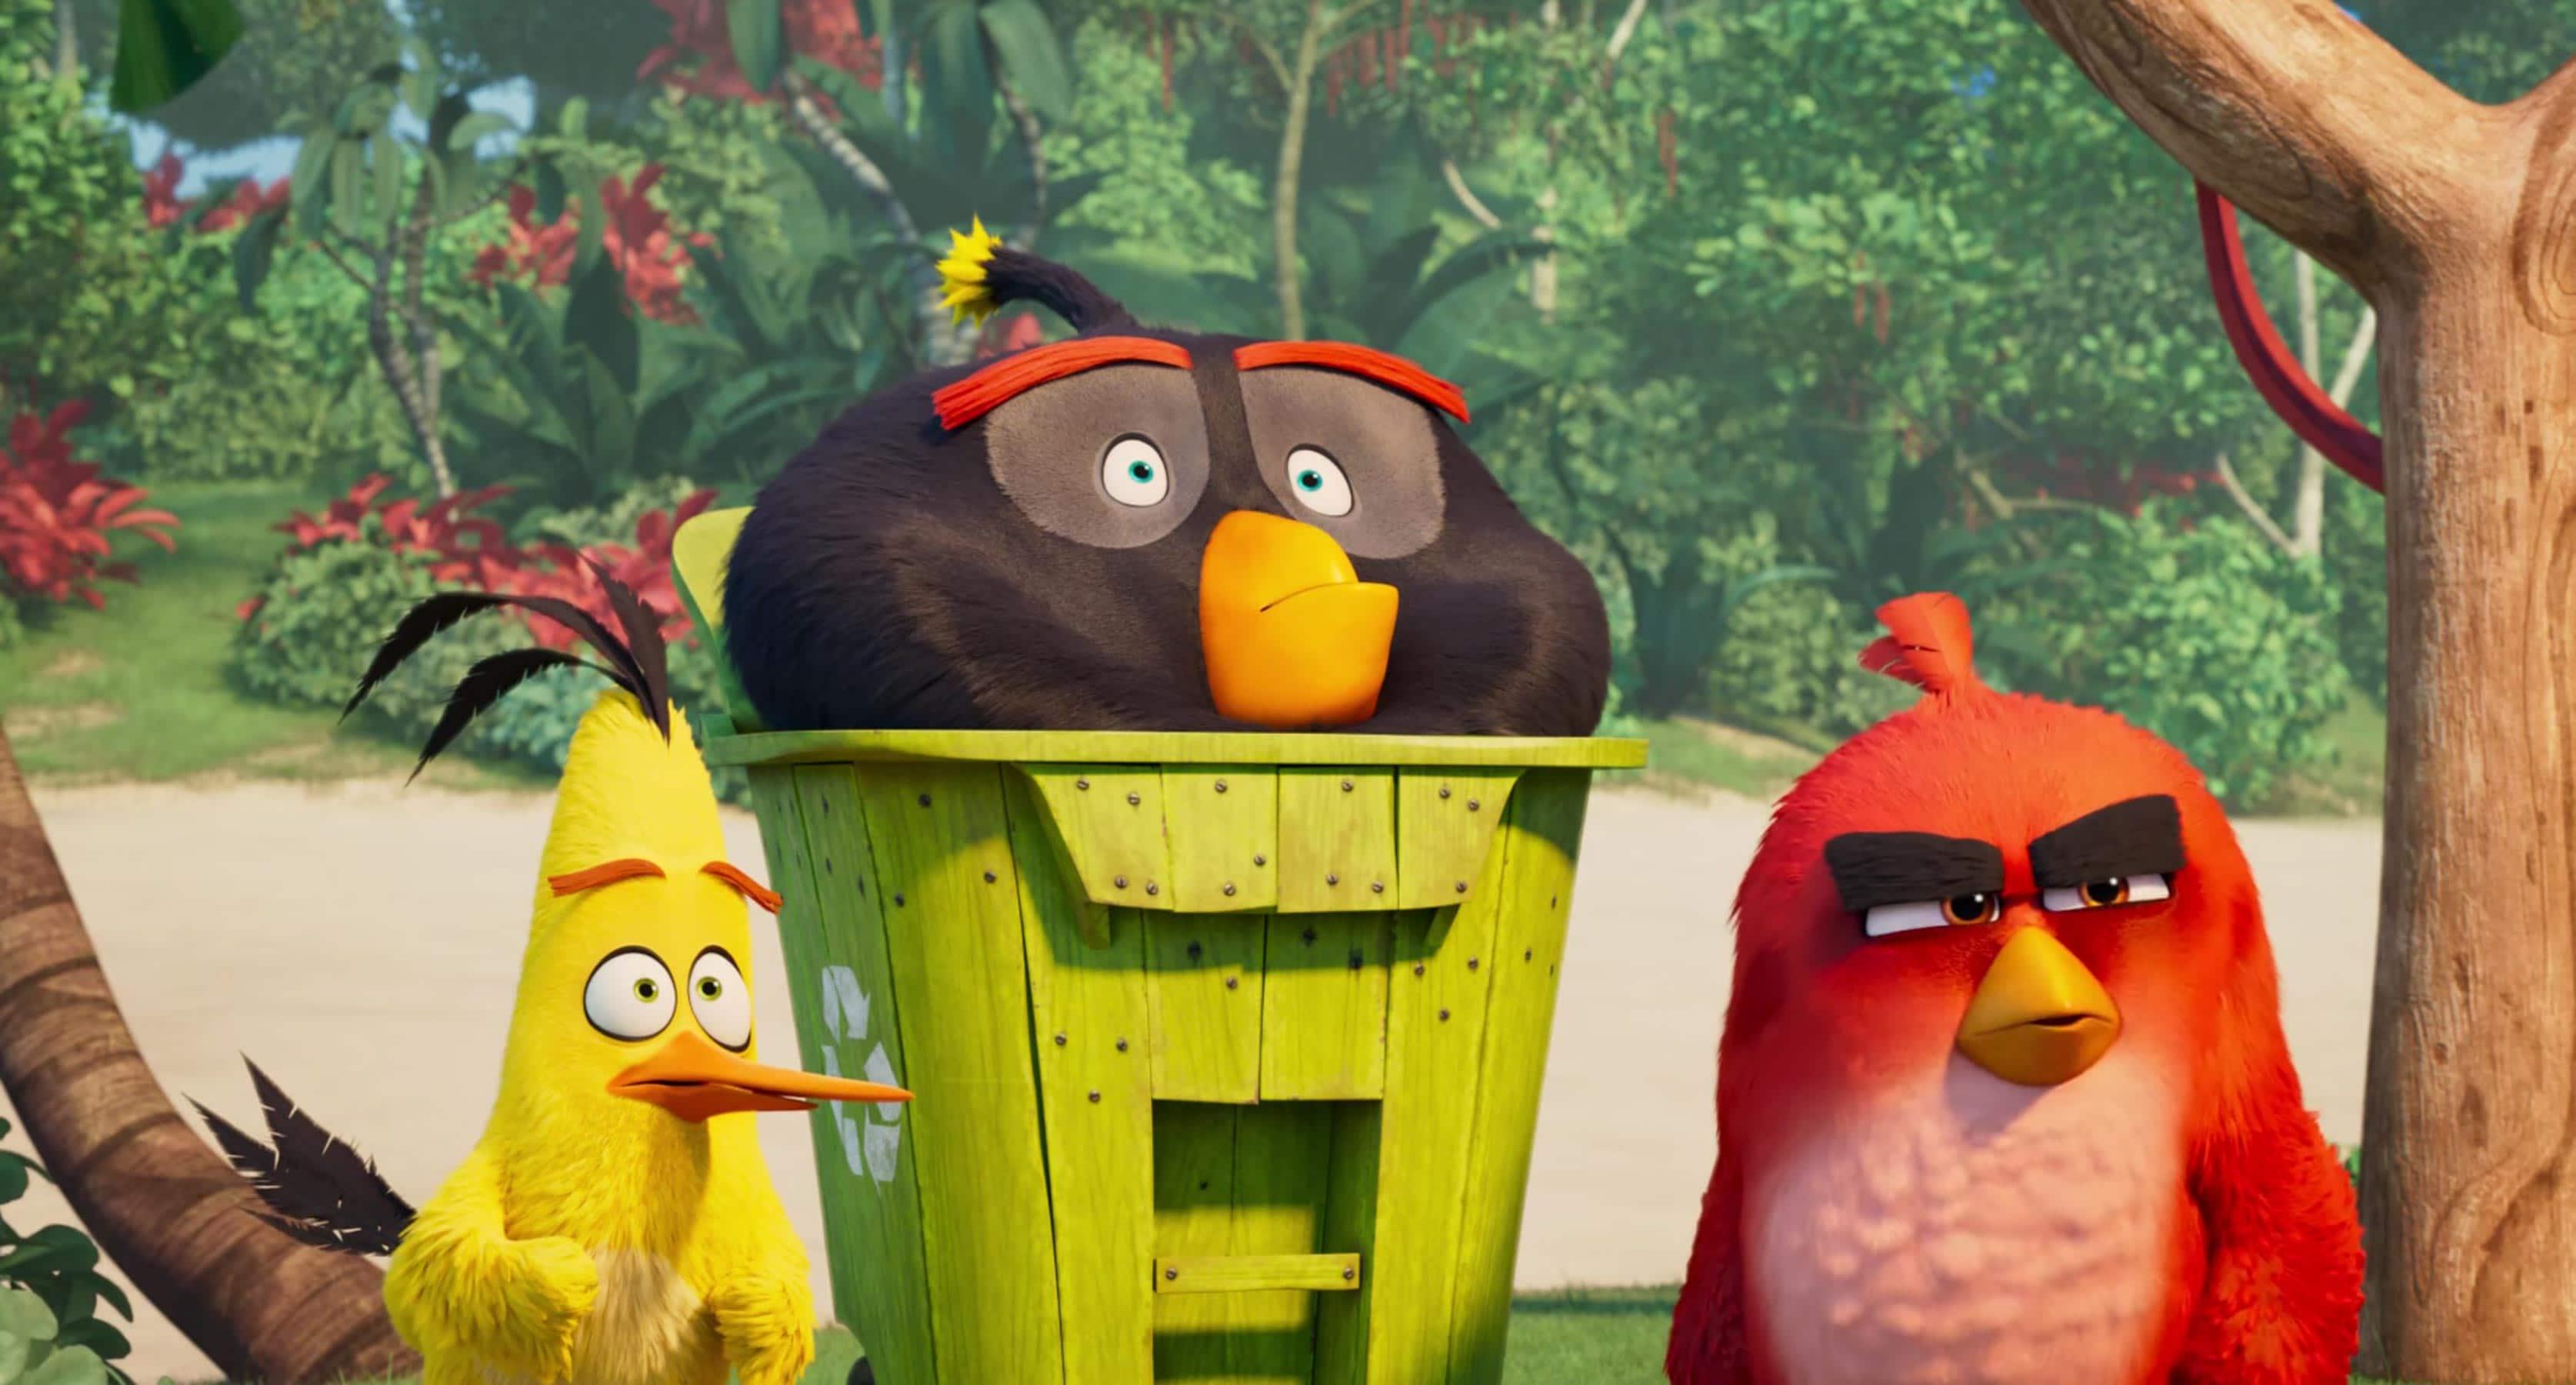 نقد انیمیشن ANGRY BIRDS 2